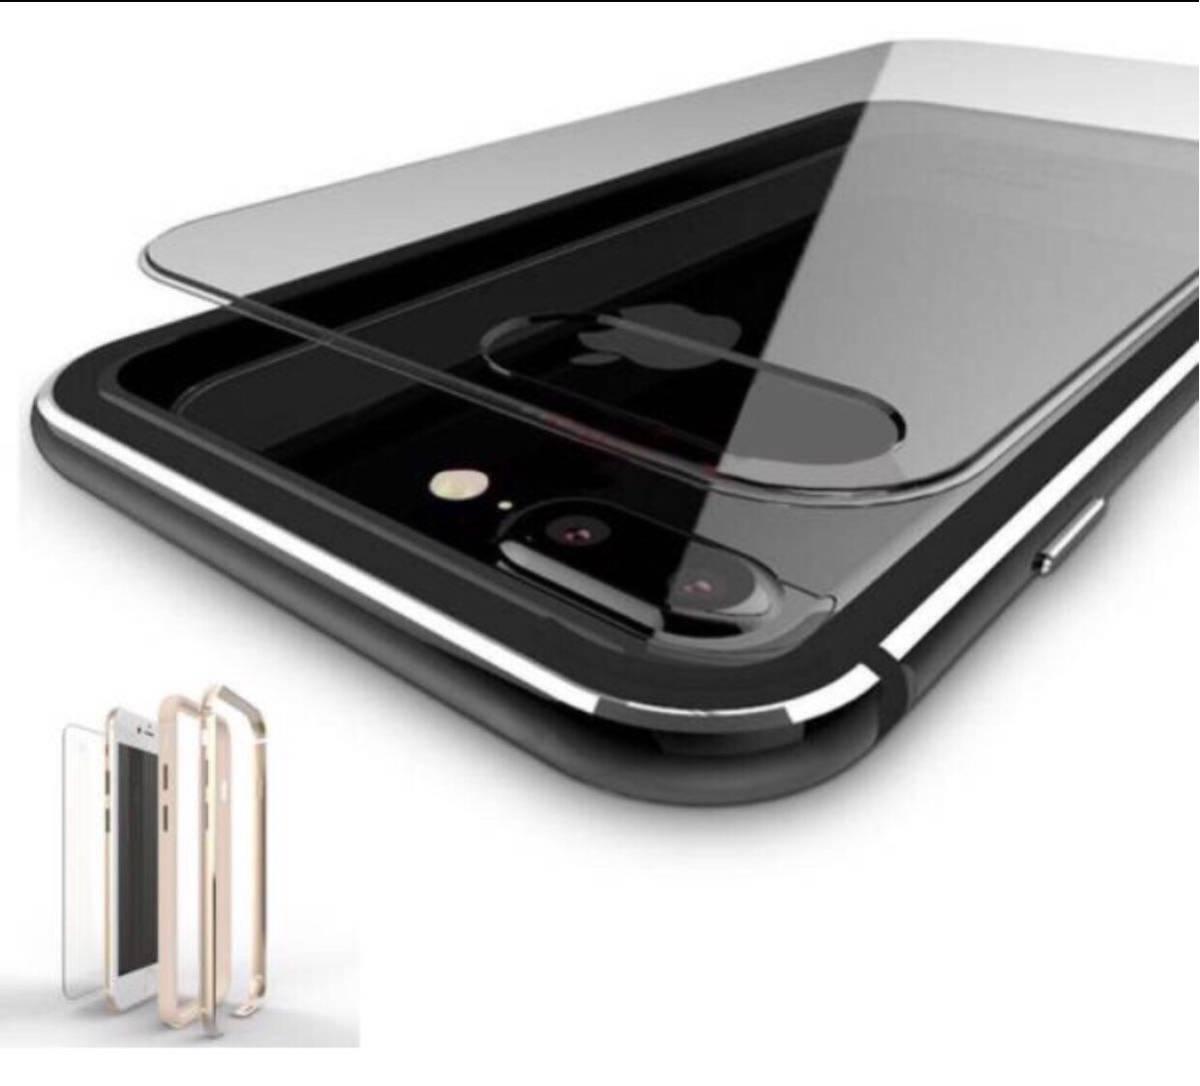 超人気 黒iPhoneX 7/7plus 8/8plus ケース 機種選択 人気1位 オススメ こだわり素材アルミ合金 シリコン 二重保護 超安心ケース_画像3